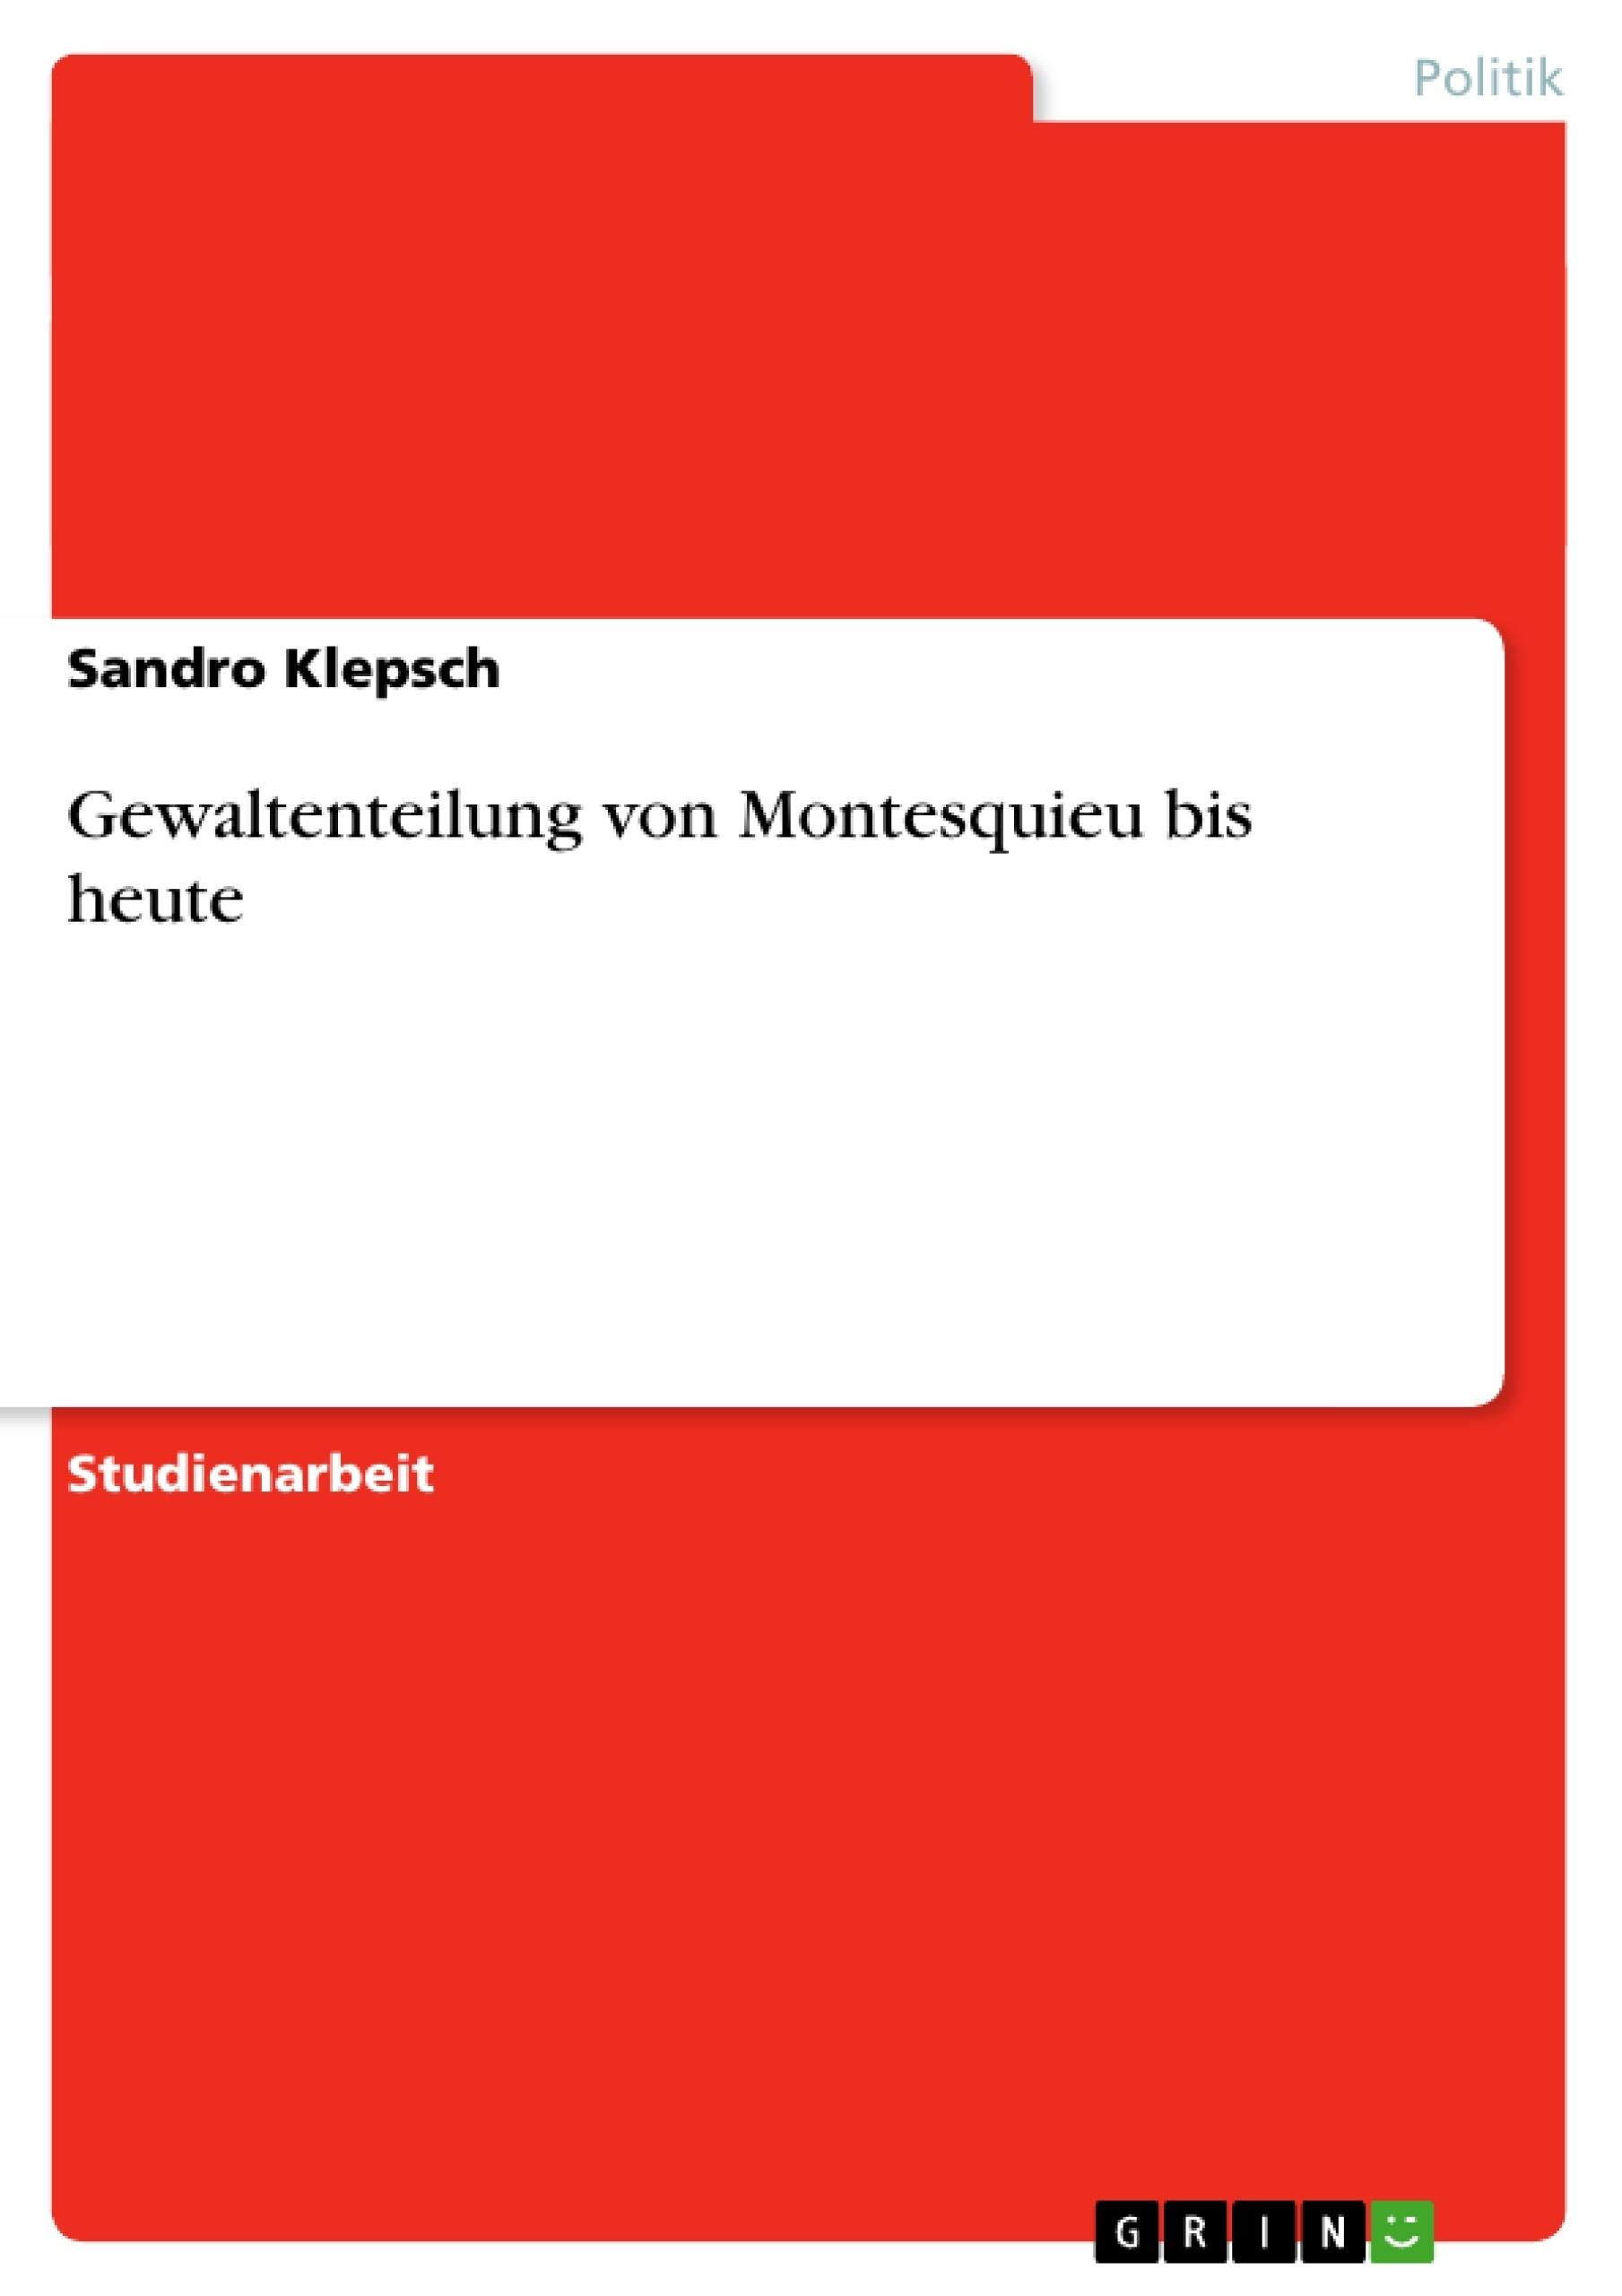 Titel: Gewaltenteilung von Montesquieu bis heute